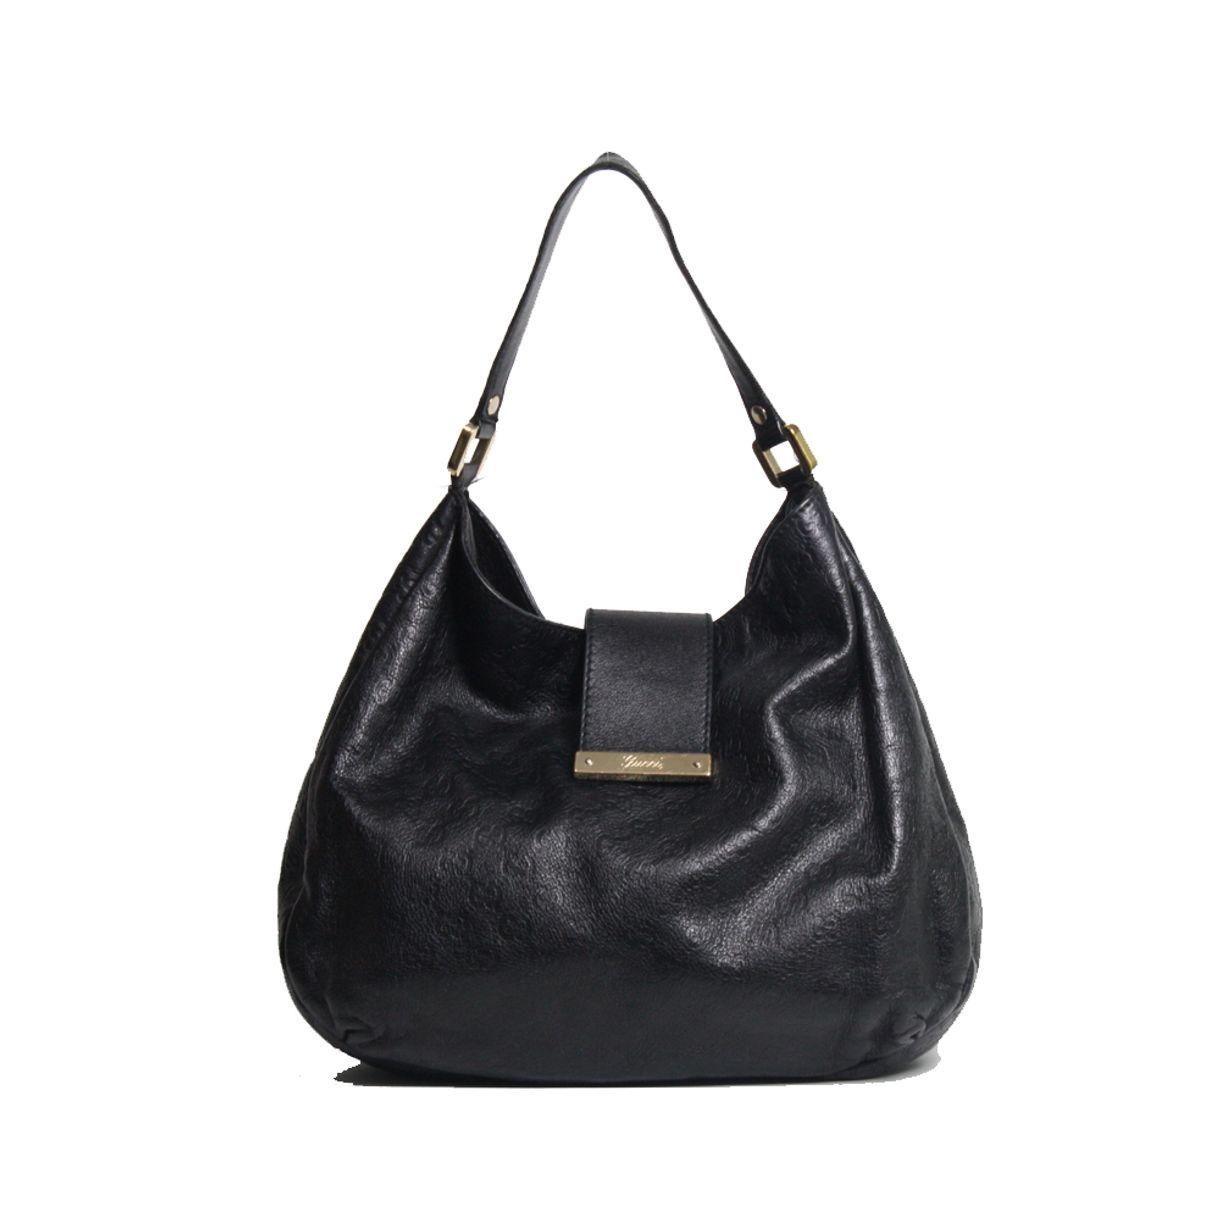 Bolsa-Gucci-Hobo-Guccissima-Leather